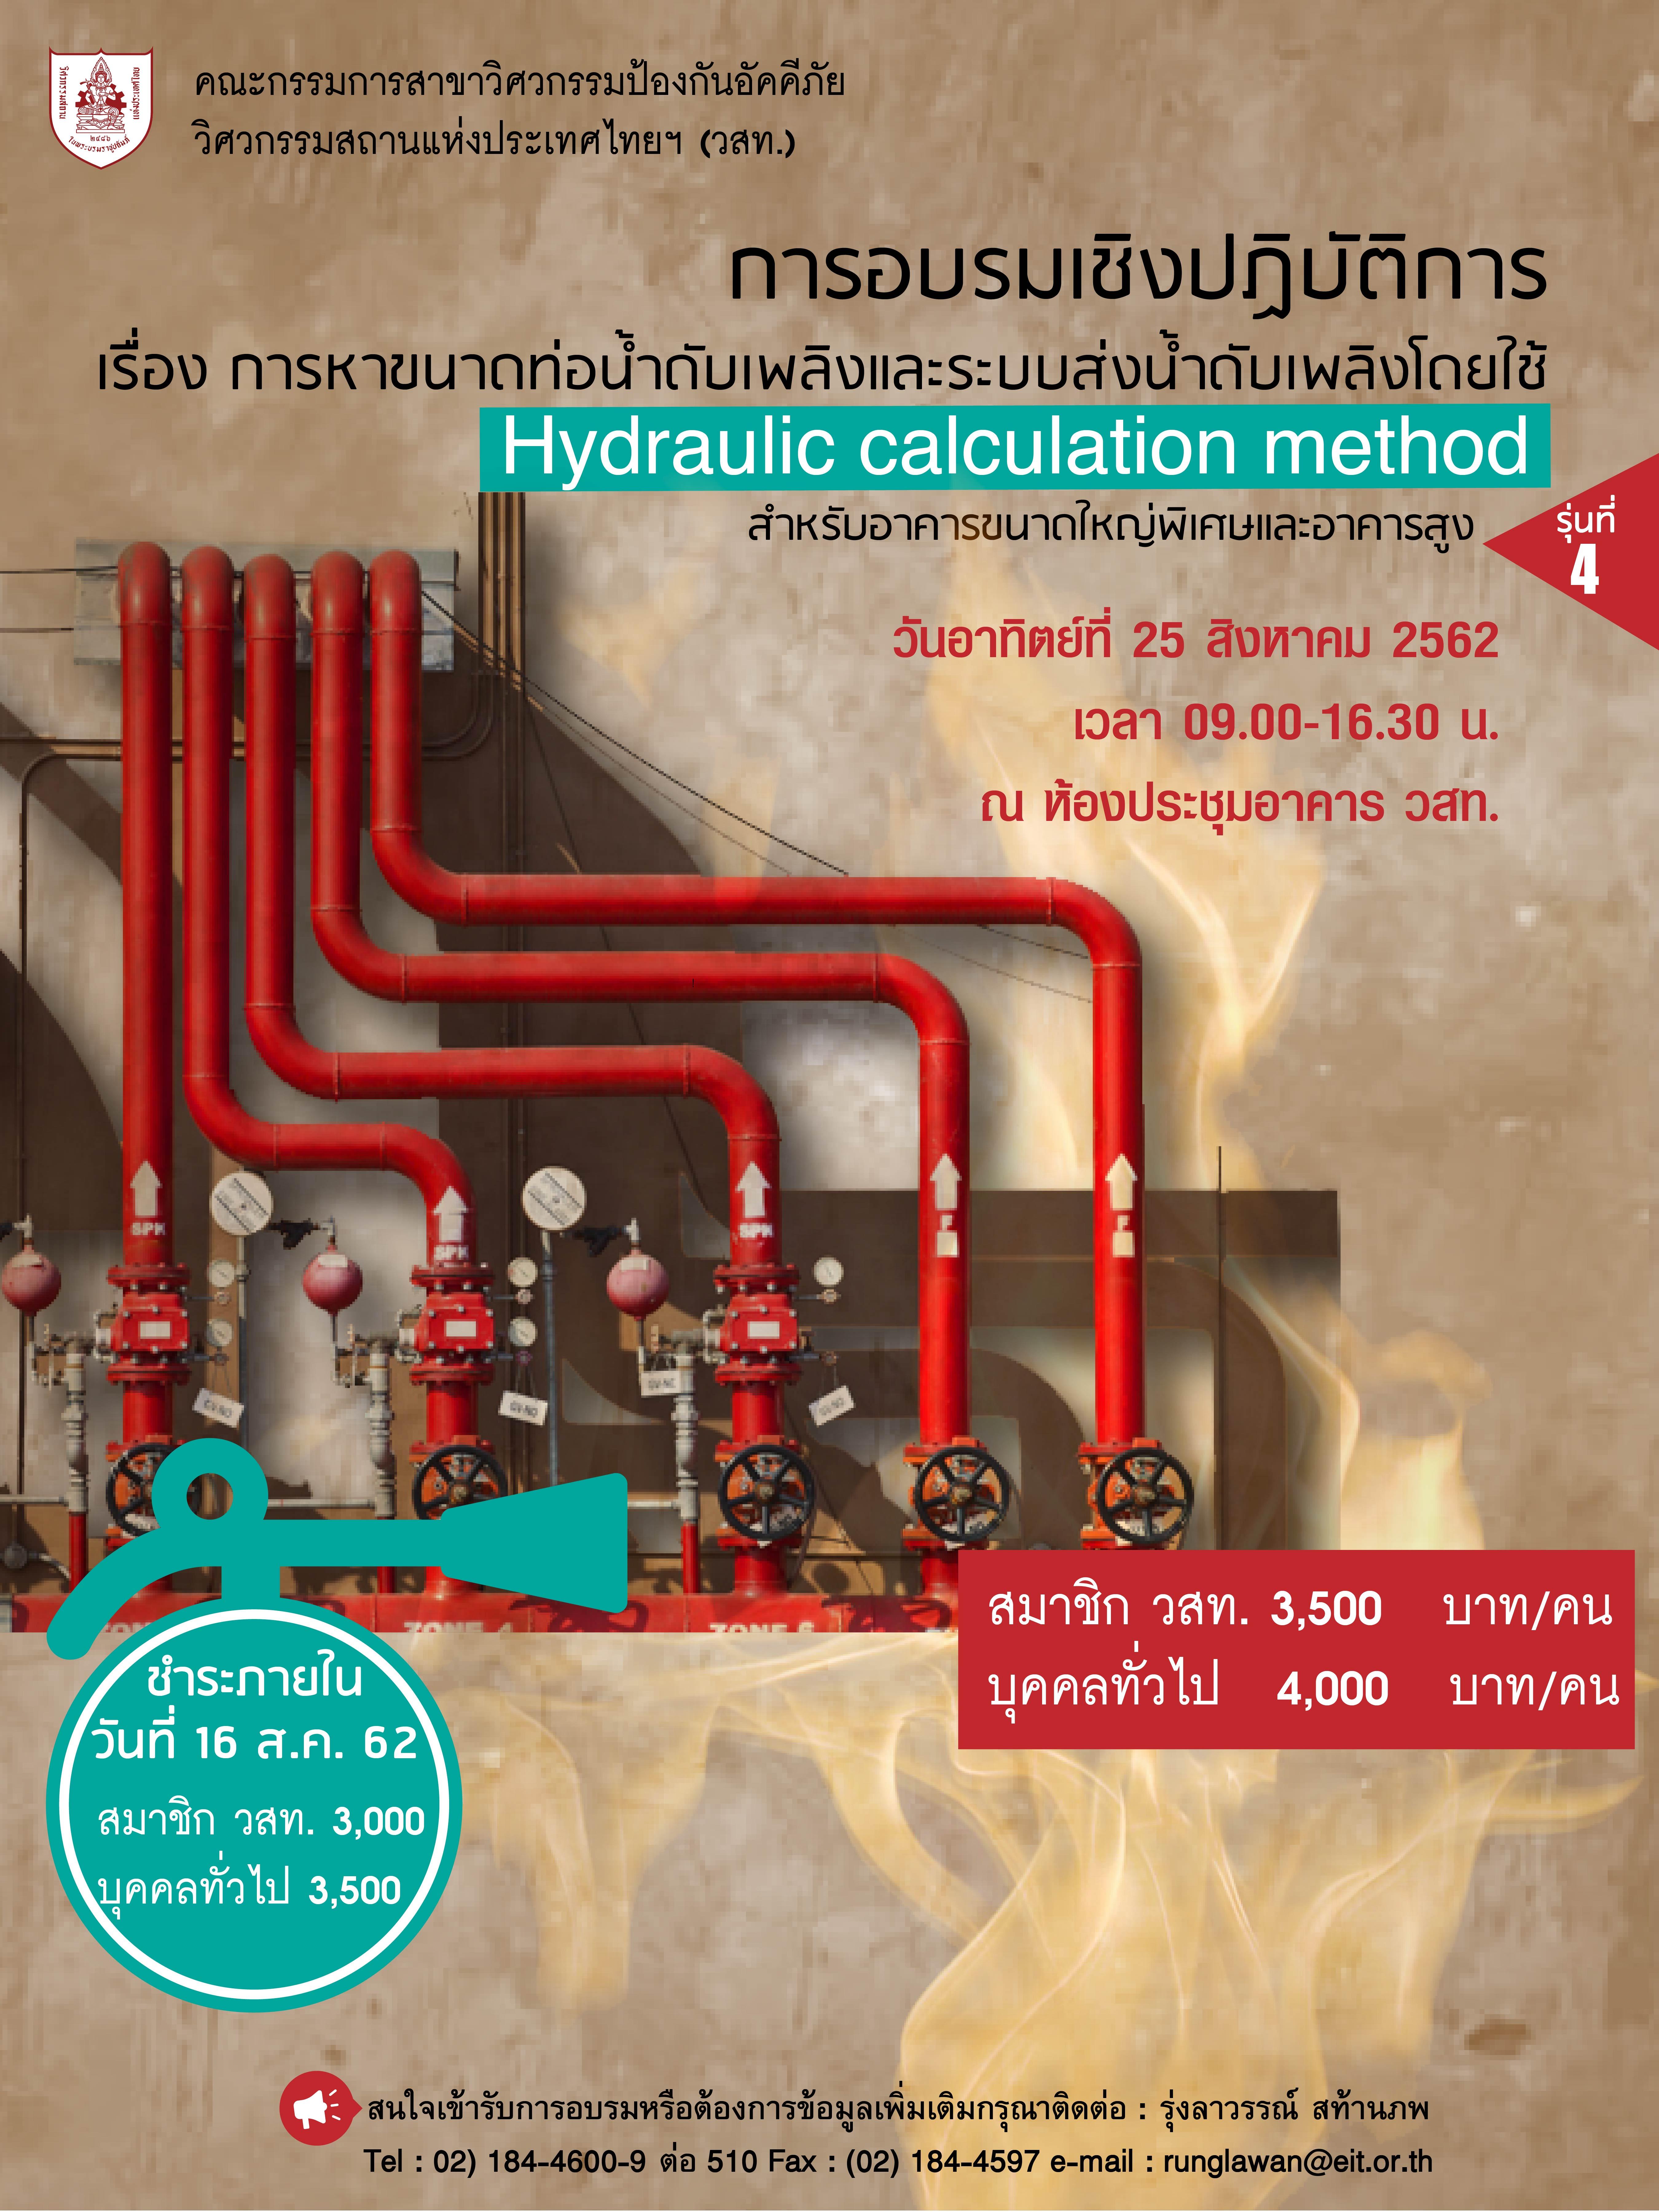 25/08/2562การอบรมเชิงปฏิบัติการเรื่อง การหาขนาดท่อน้ำดับเพลิงและระบบส่งน้ำดับเพลิงโดยใช้ Hydraulic calculation method สำหรับอาคารขนาดใหญ่พิเศษและอาคารสูง รุ่นที่ 4